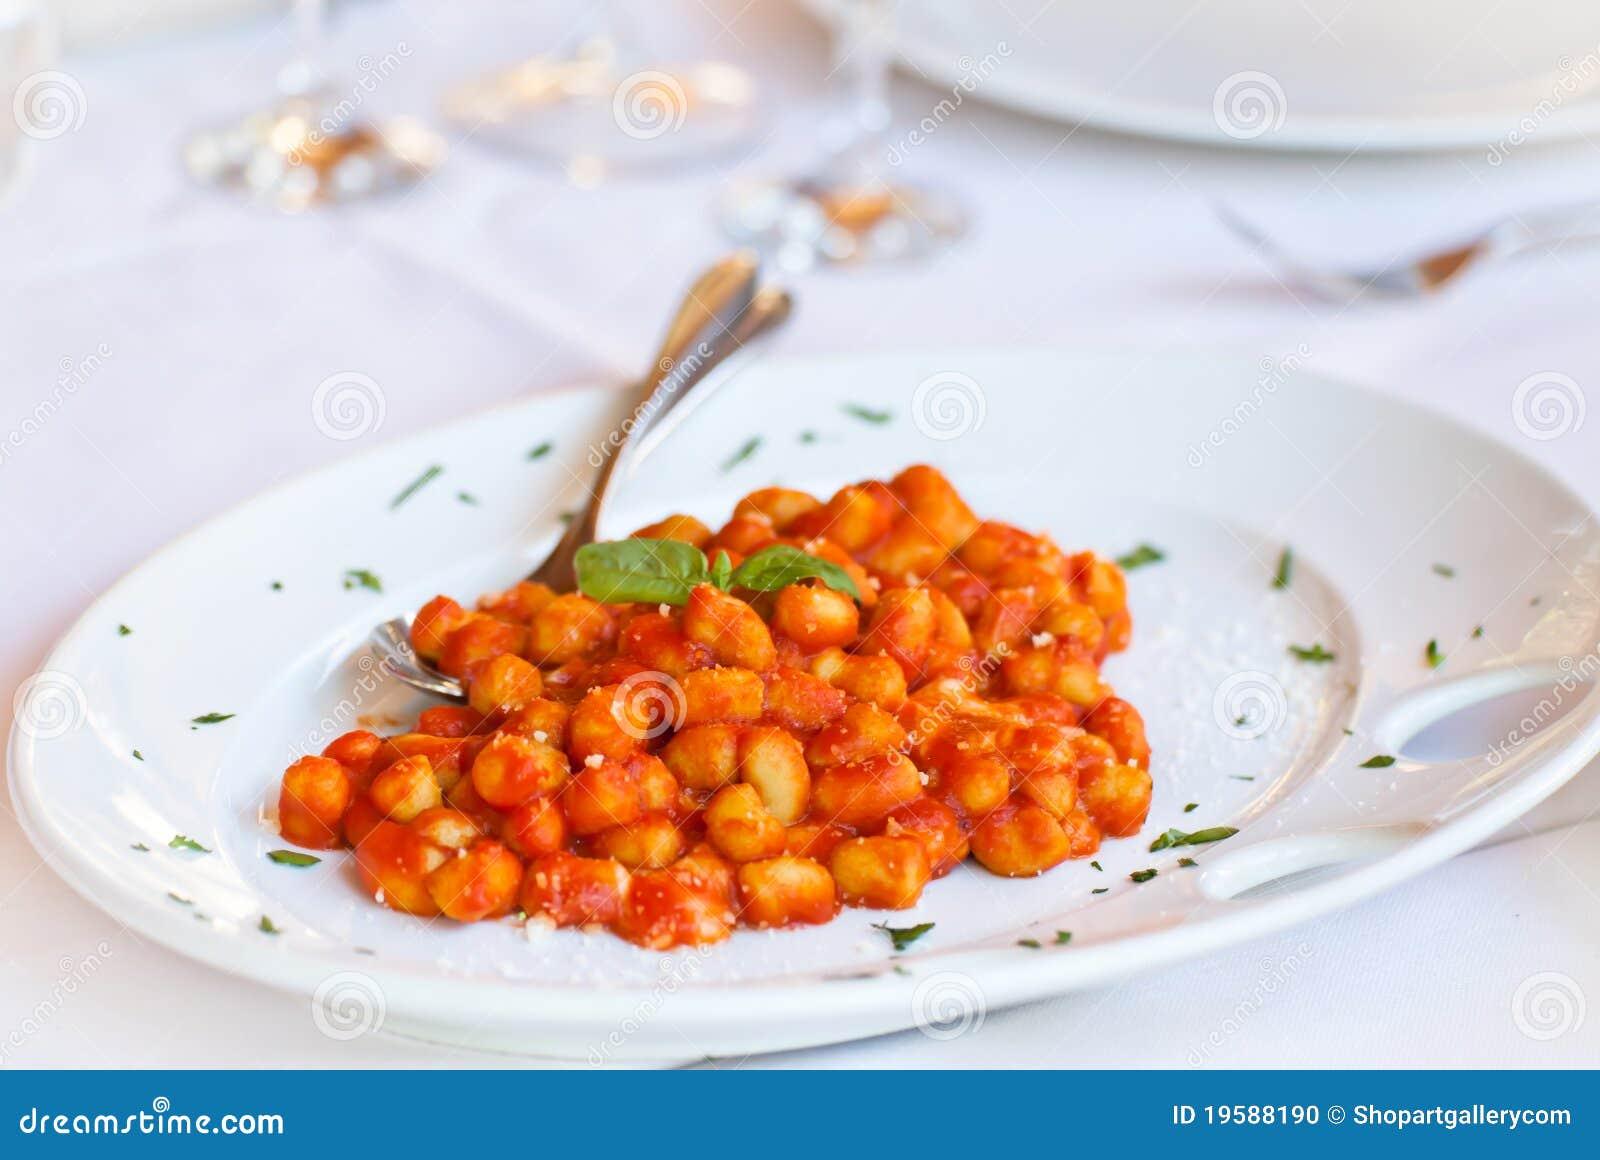 Italiaanse Deegwaren - Gnocchi Alla Sorrentina